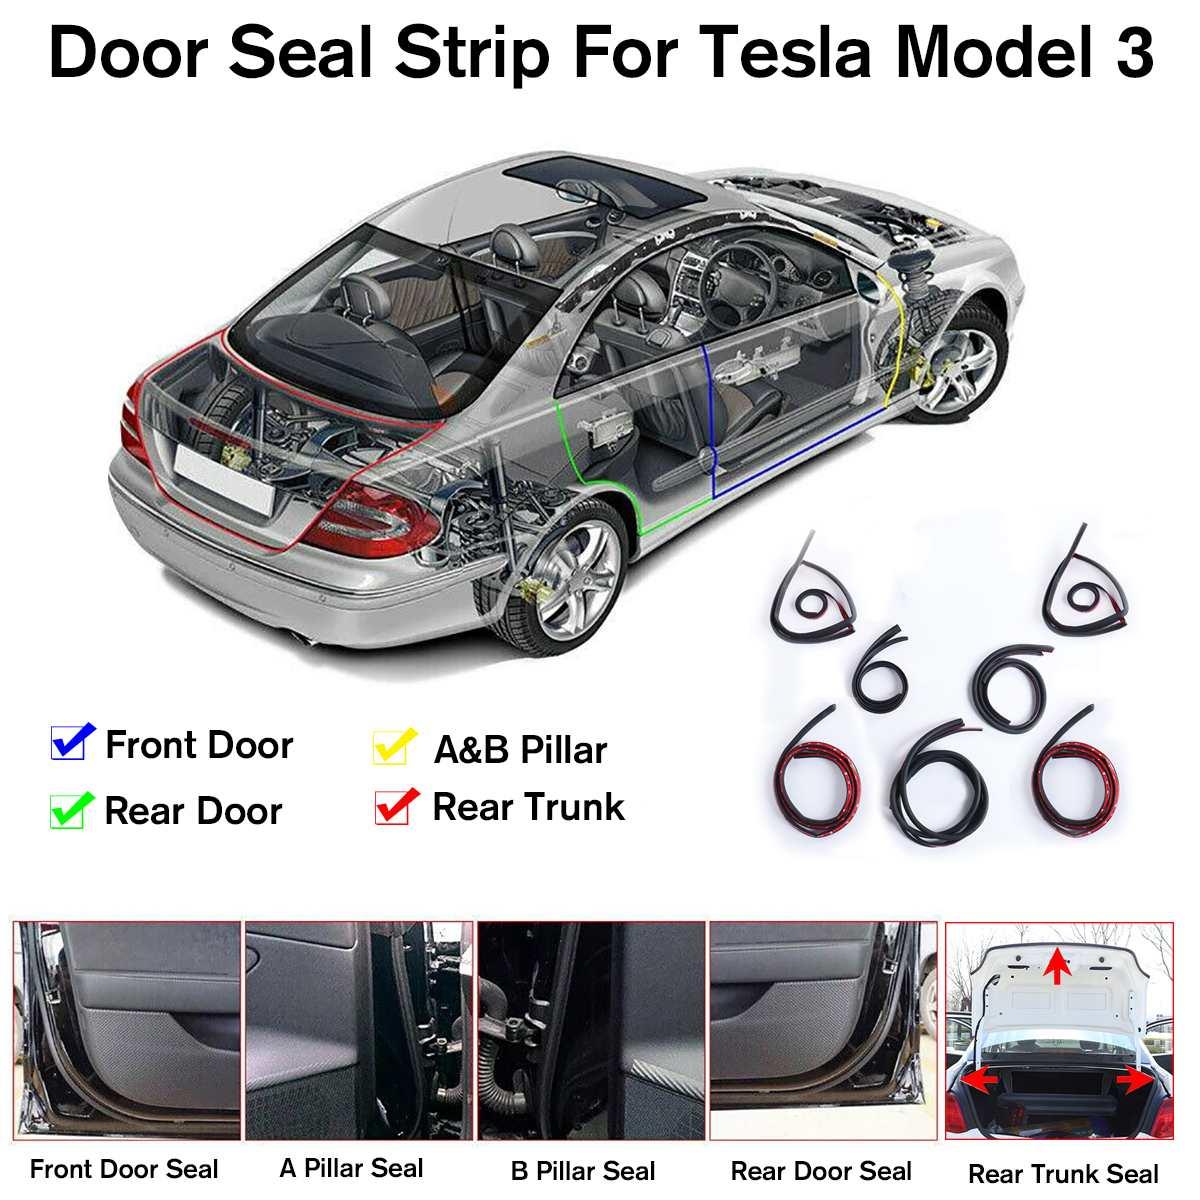 Nuevo Kit de sellado de puerta de 7 Uds., a prueba de sonido, reducción de ruido de viento, moldura de puerta de coche, tira de sellado de goma para Tesla modelo 3